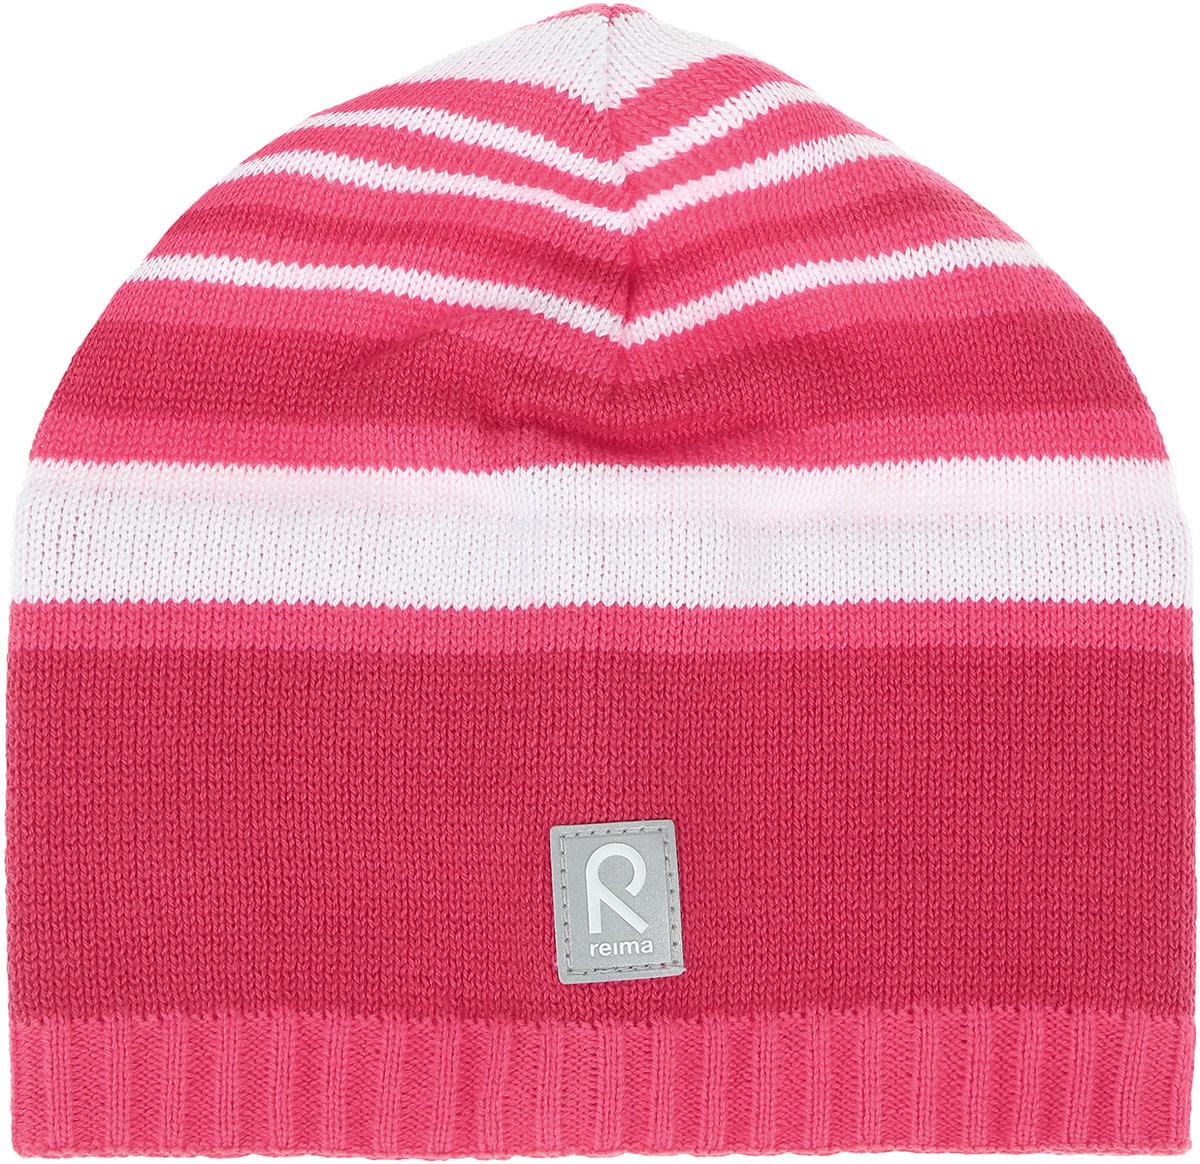 Шапка детская Reima Datoline, цвет: розовый, белый. 528510336A. Размер 54528510336AУдобная трикотажная шапка из хлопка подойдет на все случаи жизни. Полуподкладка из хлопчатобумажного трикотажа гарантирует тепло, а ветронепроницаемые вставки между верхним слоем и подкладкой защищают уши. Светоотражающая эмблема спереди позволяет лучше разглядеть ребенка после захода солнца.